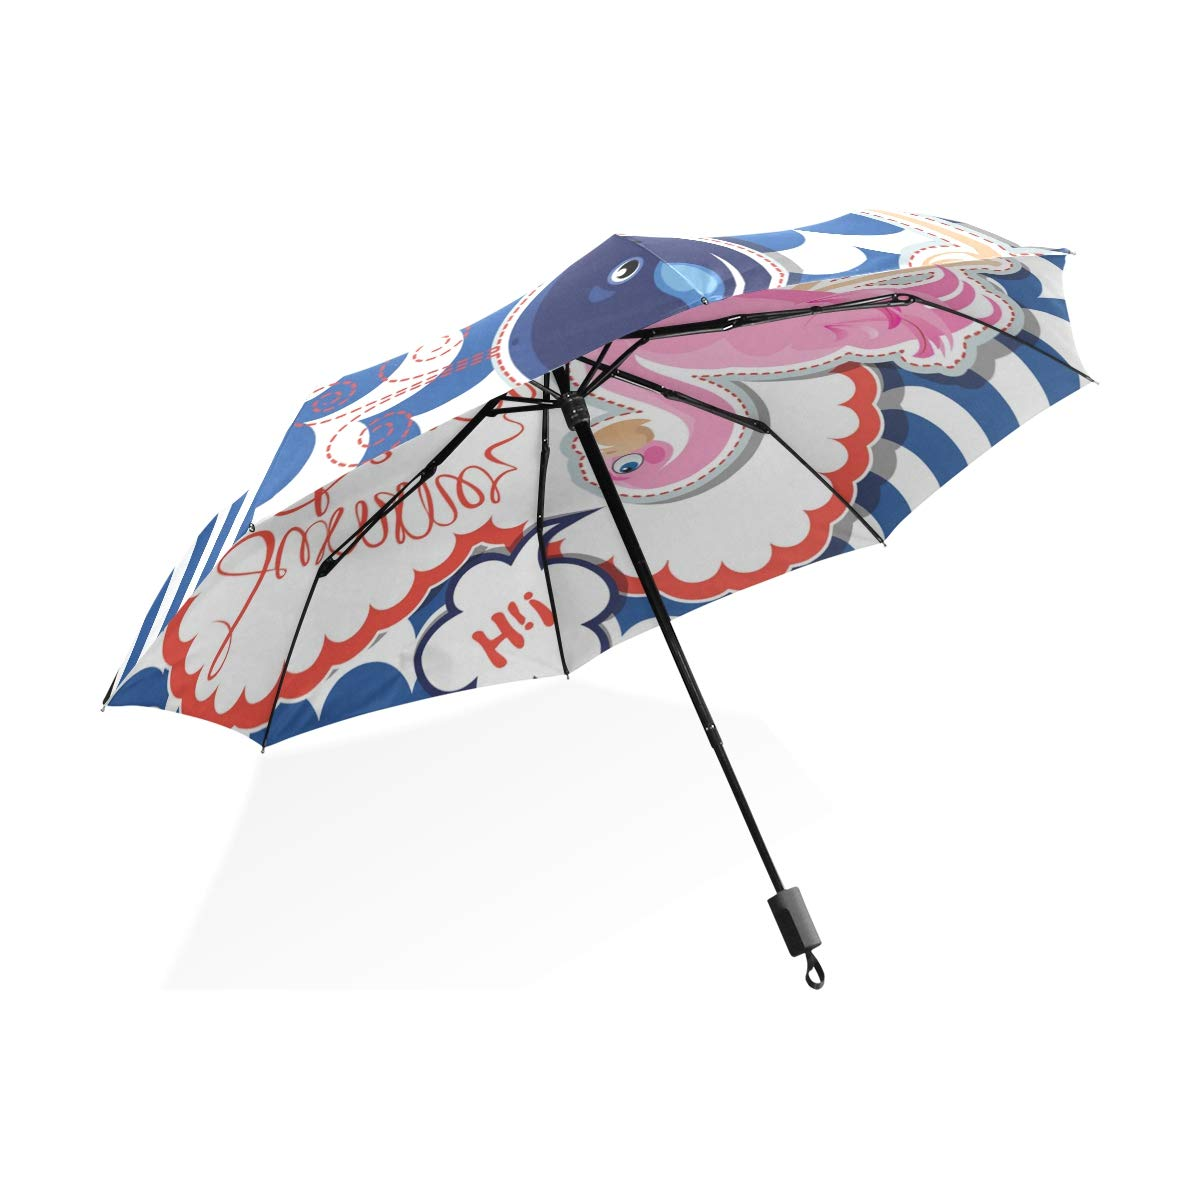 Isaoa Automatique Voyage Parapluie Pliable Compact Parapluie Flamingo et Baleine Bleue Coupe-Vent Ultra léger Protection UV Parapluie pour Homme ou Femme